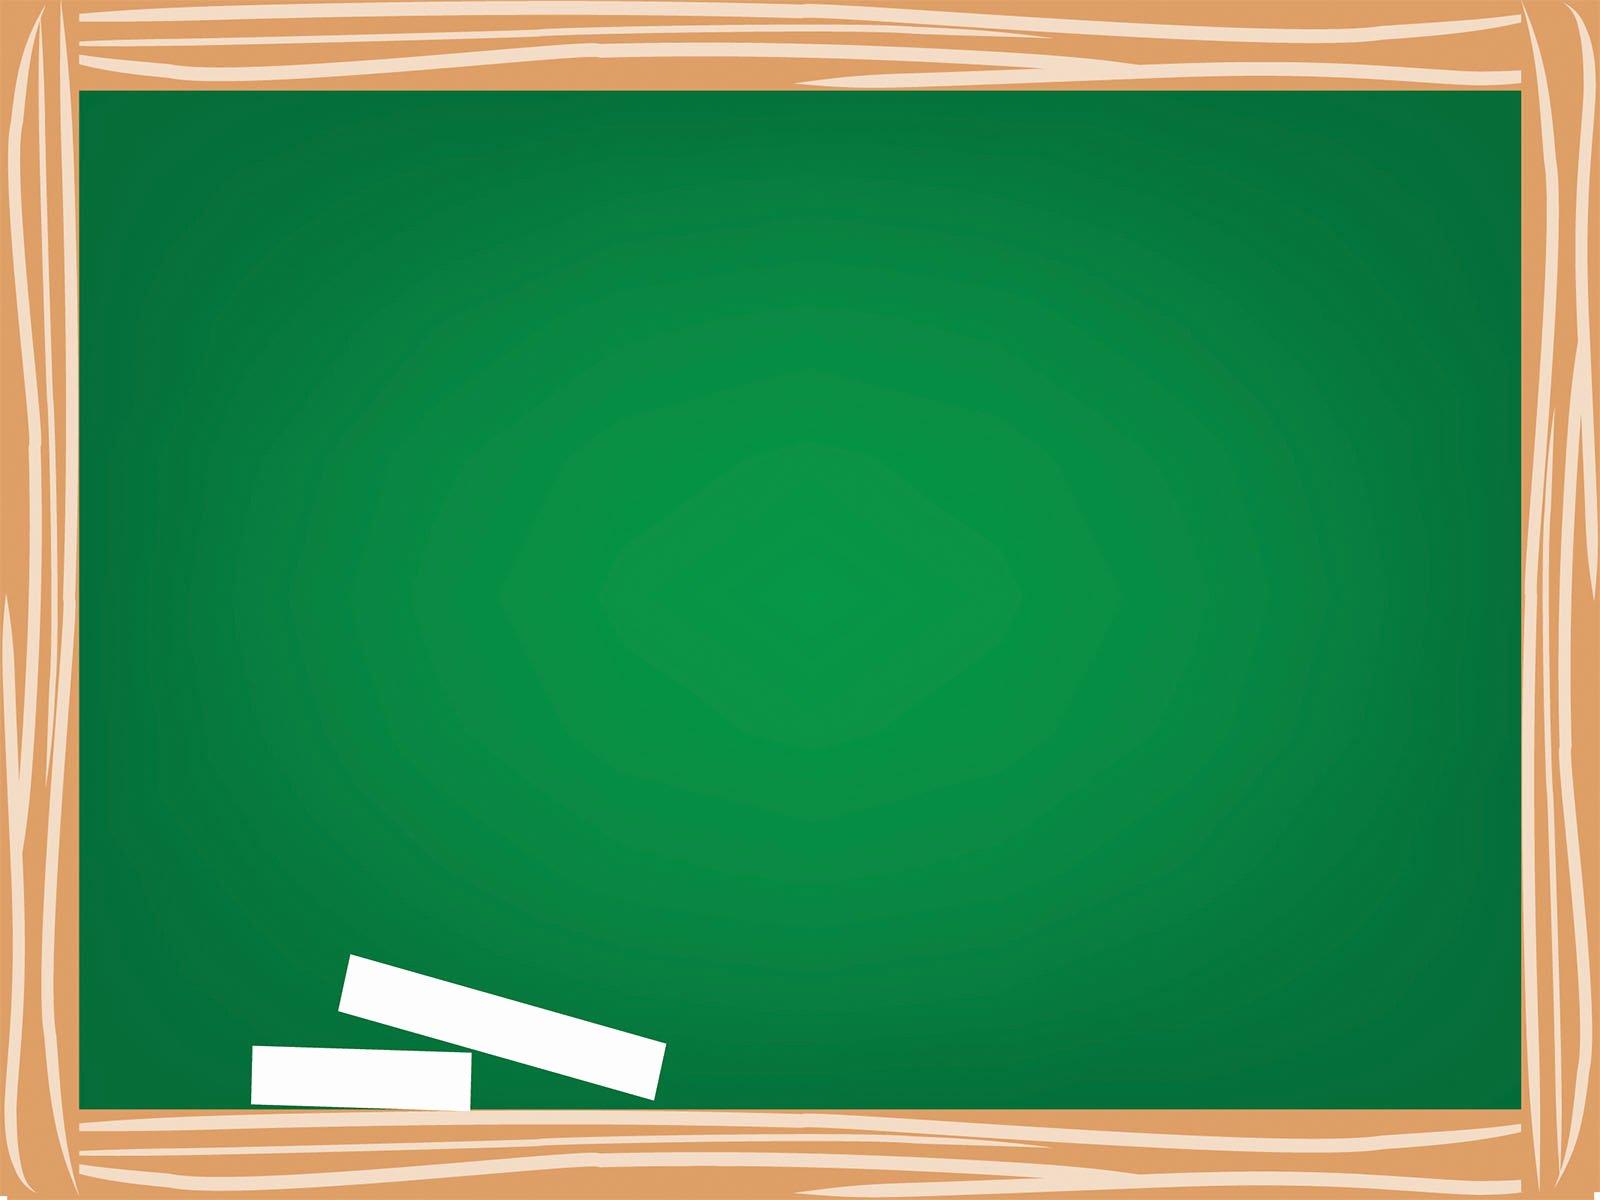 Green School Board Powerpoint Templates Education Free